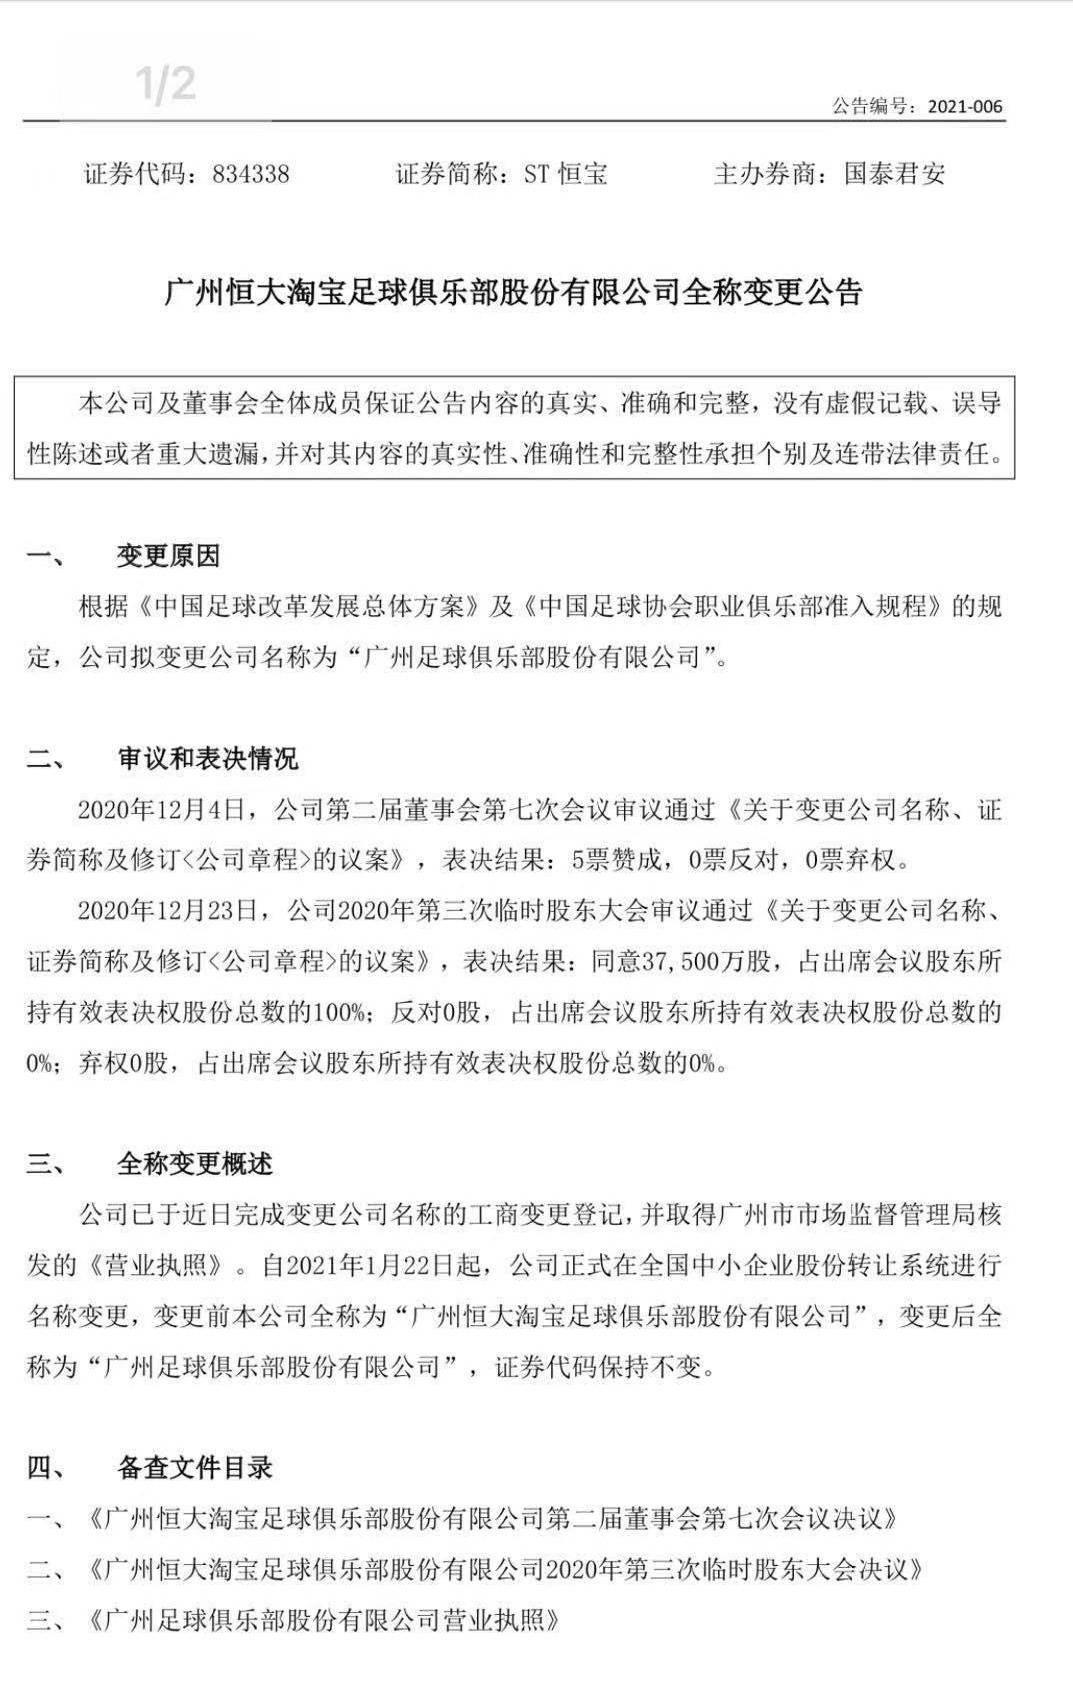 原创             上午10点,广州恒大俱乐部更换中性名!2021年球衣疑似曝光